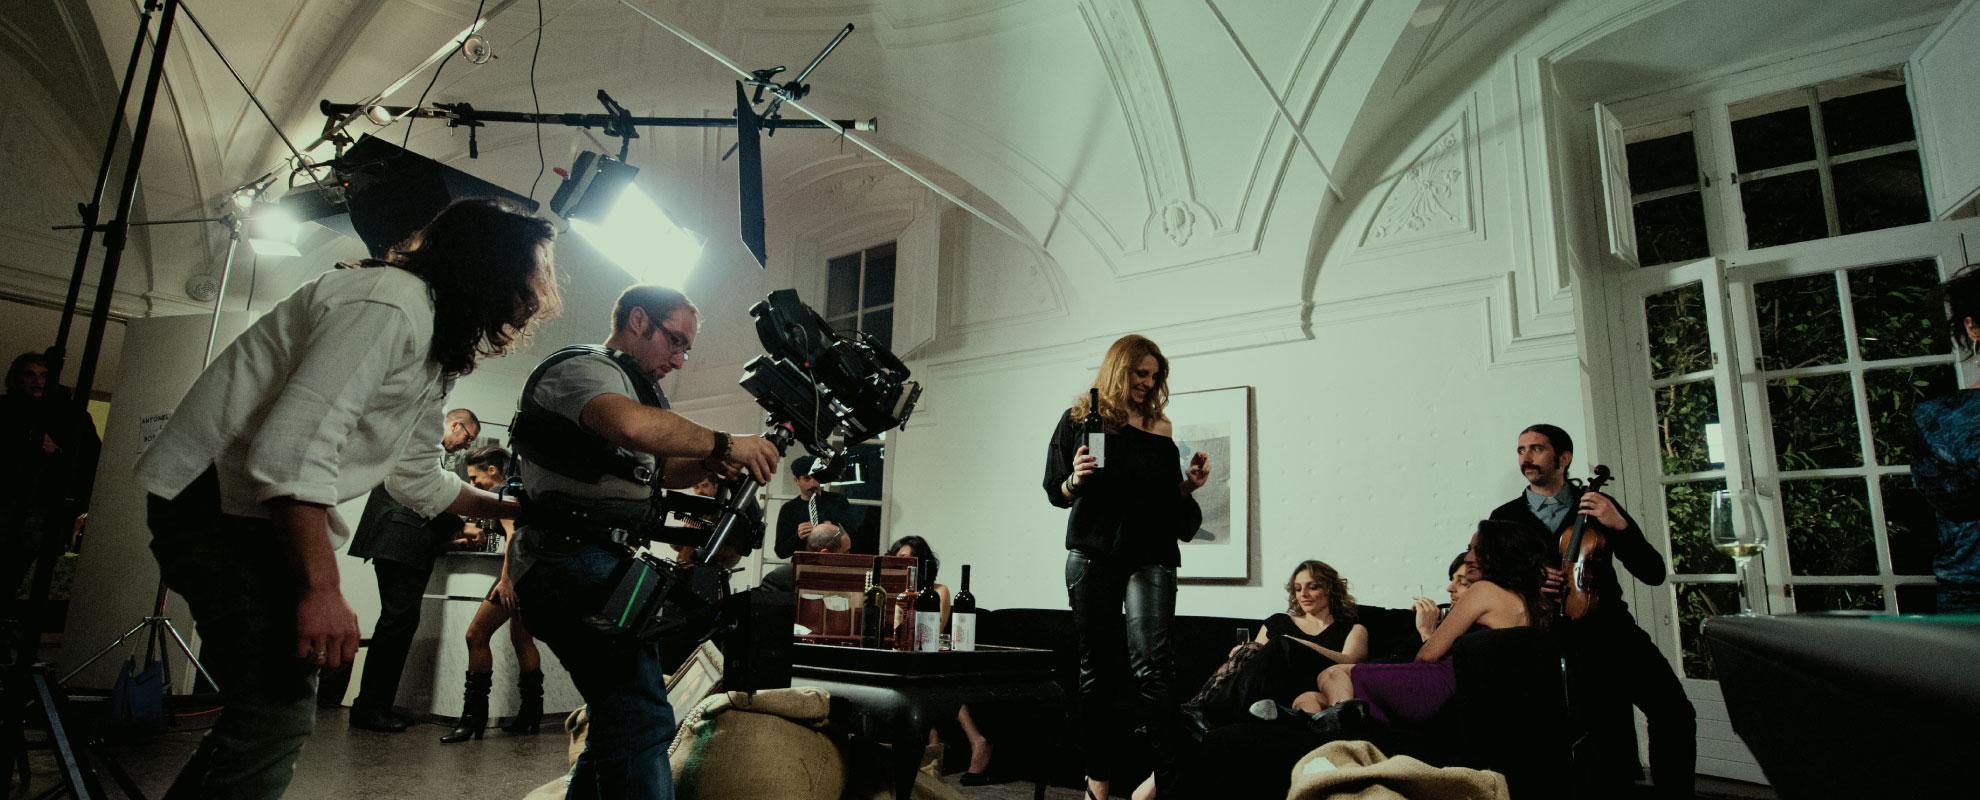 produzione video peperonitto